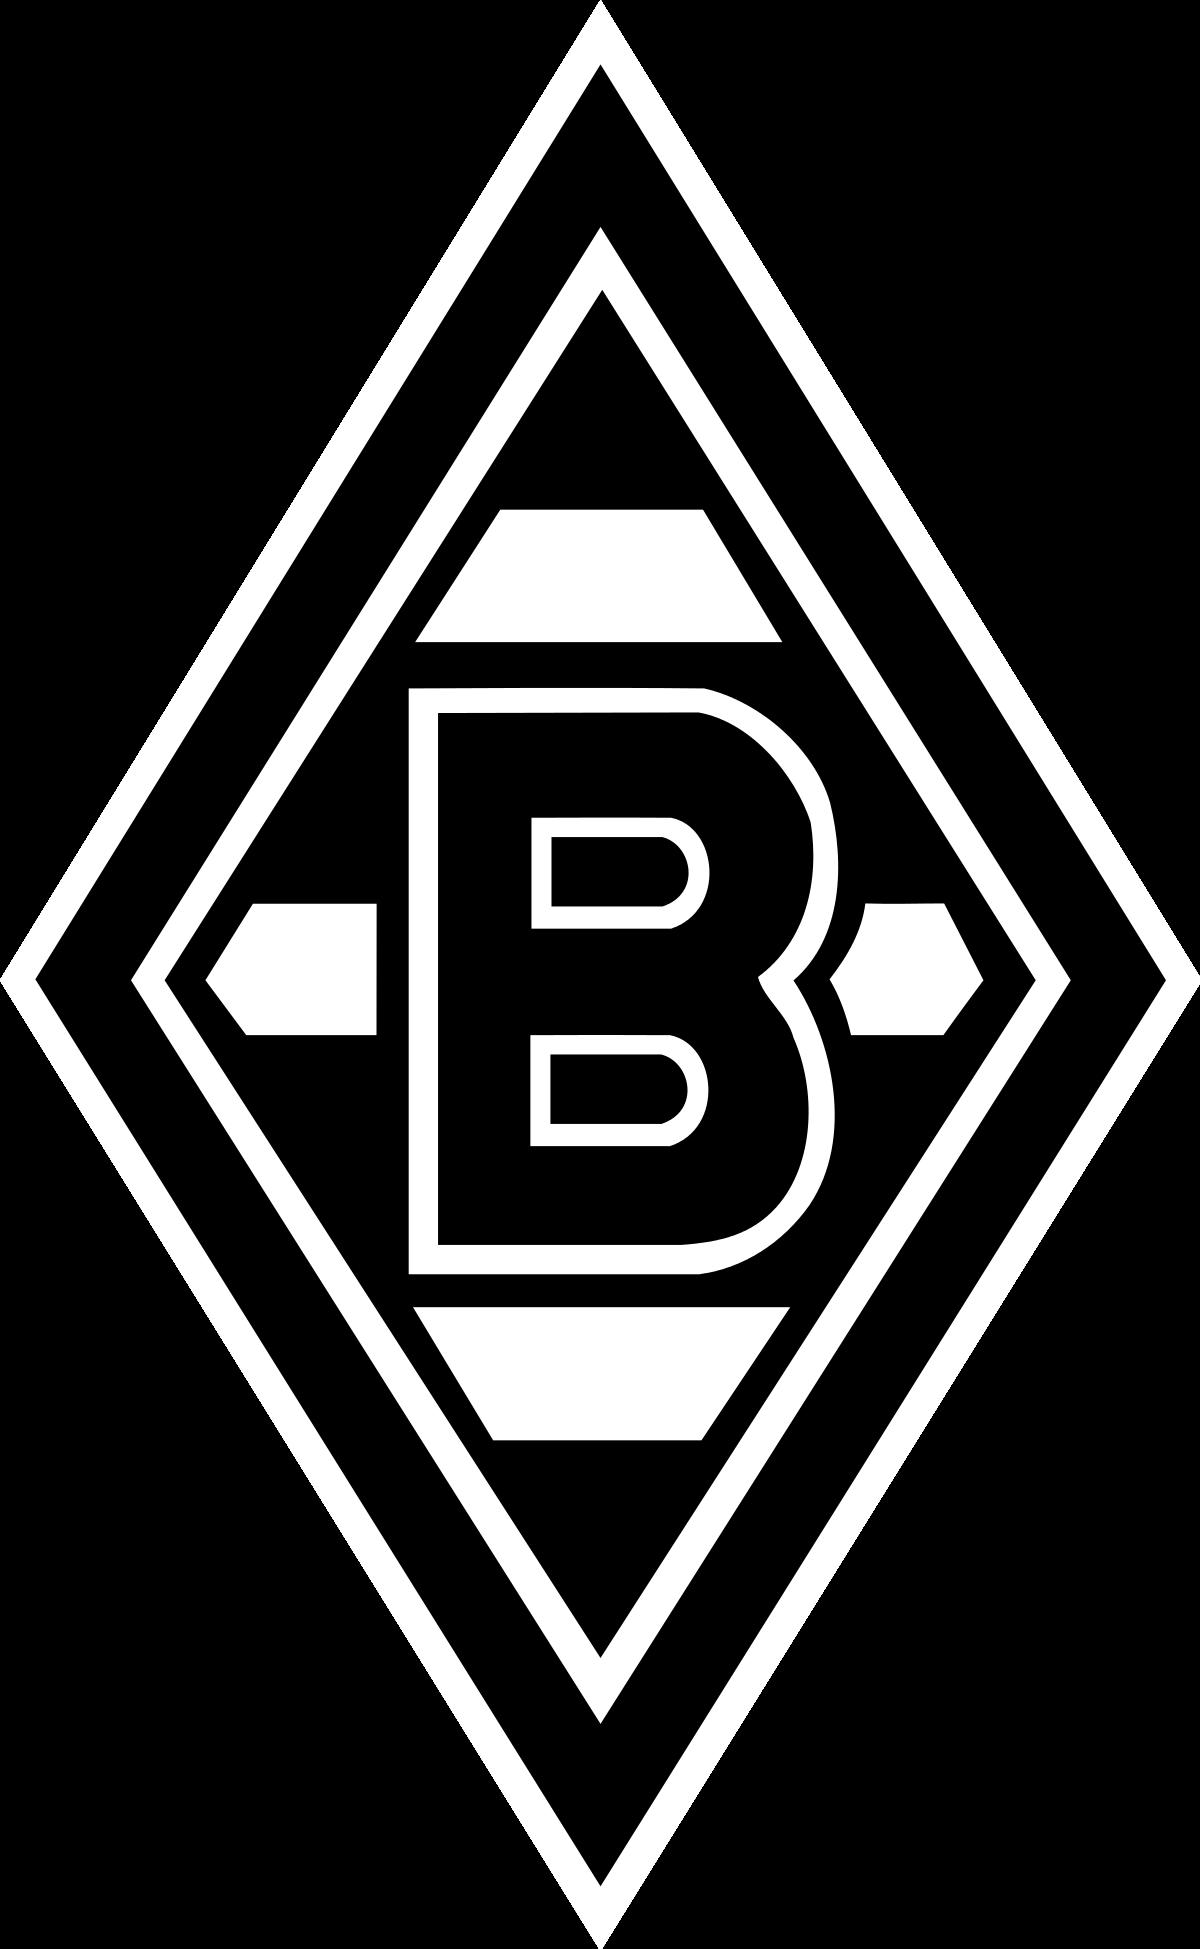 Borussia Monchengladbach Logo Borussia Monchengladbach Vfl Borussia Monchengladbach Bundesliga Logo